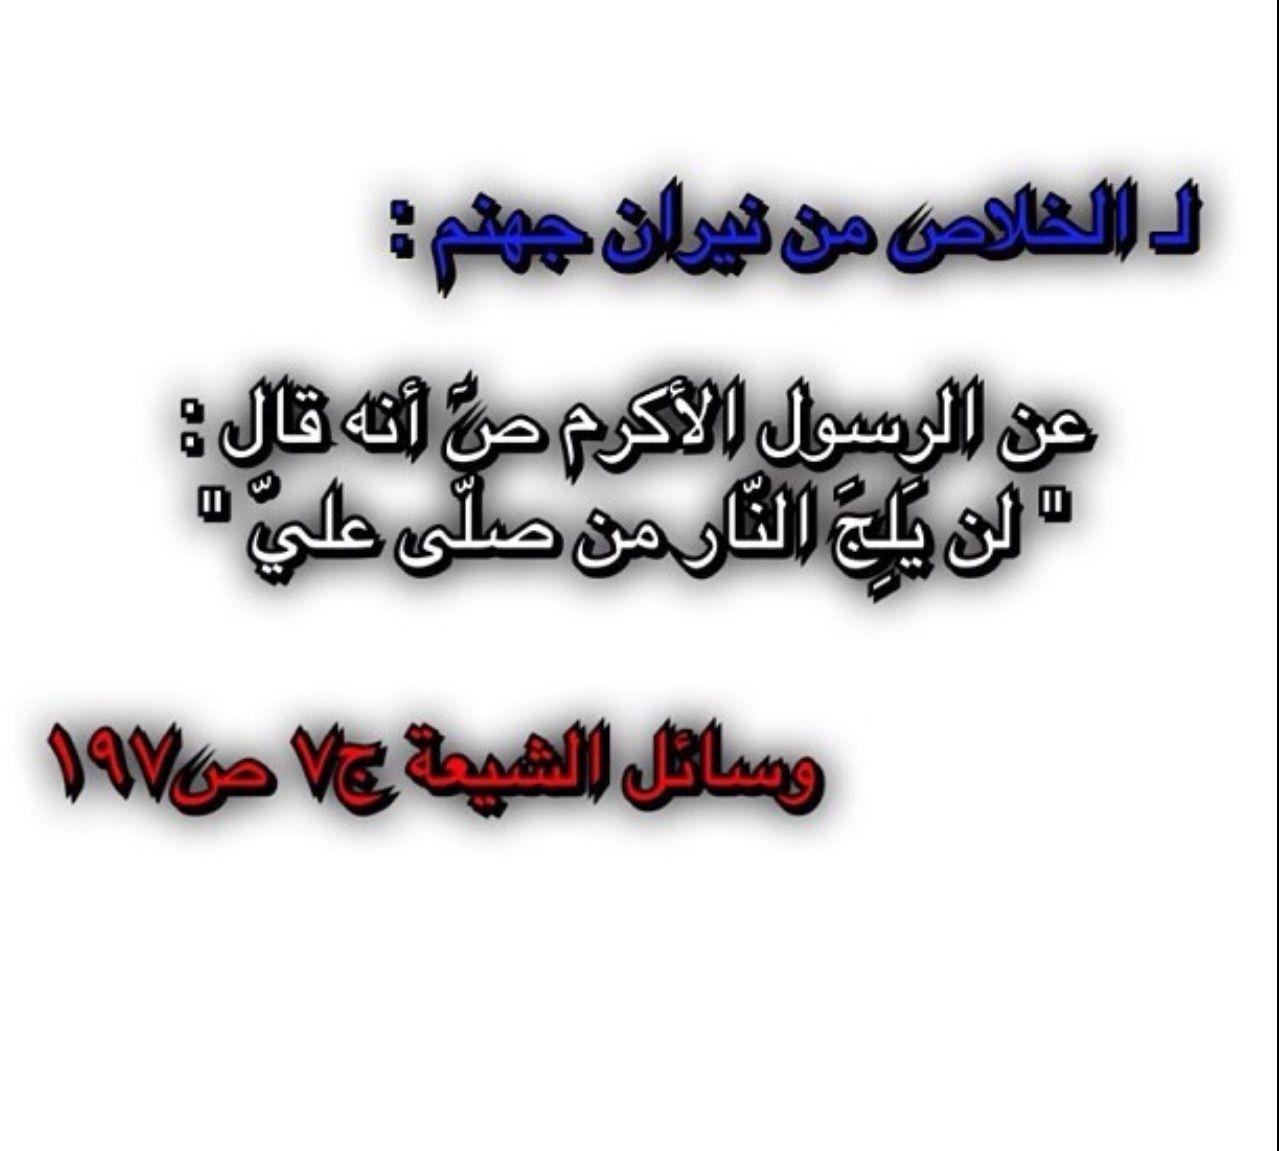 النجف الأشرف Najaf